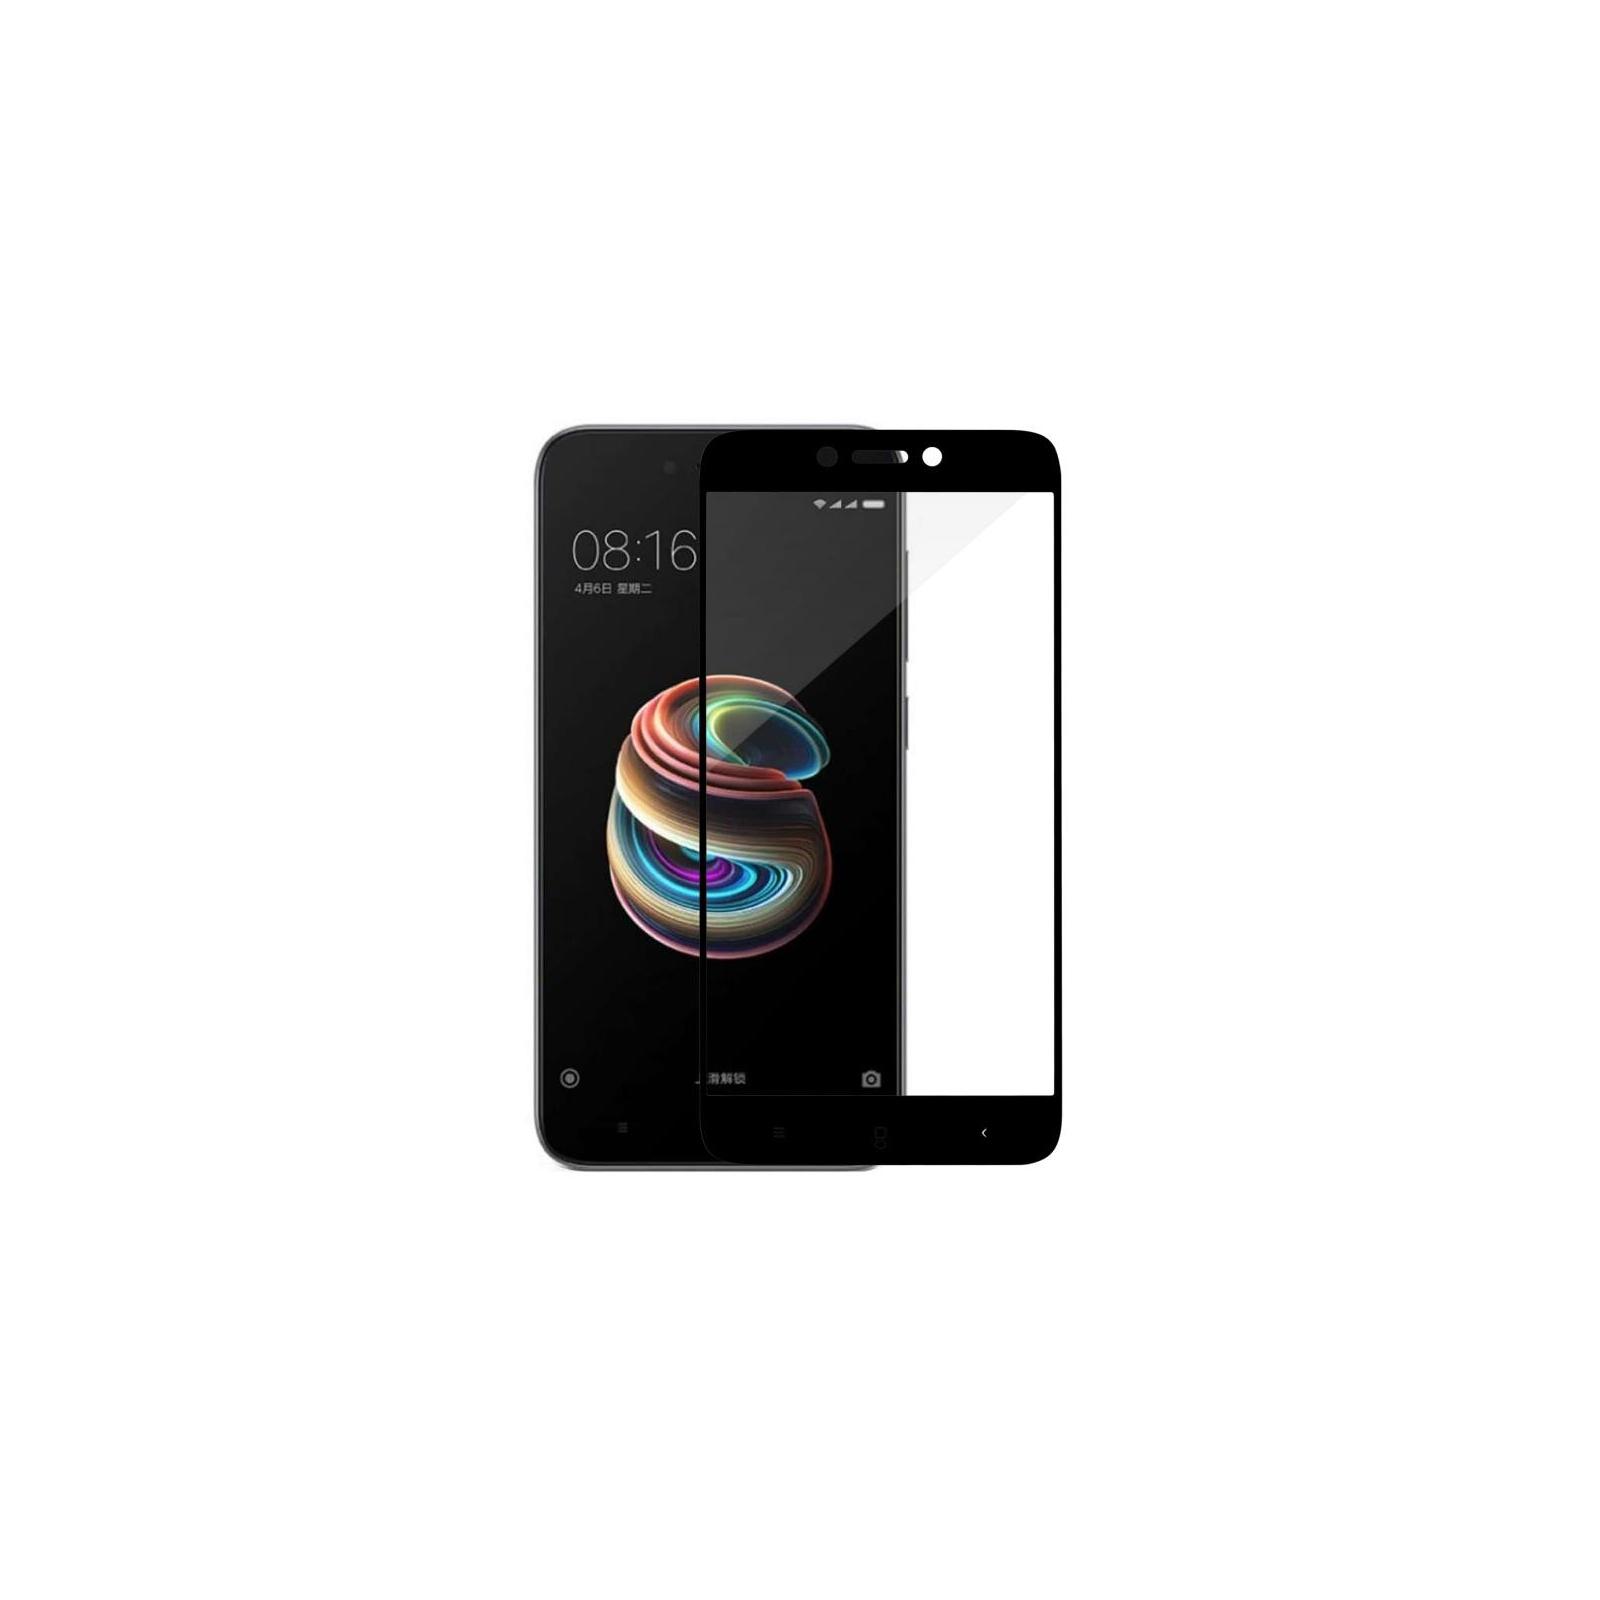 Стекло защитное MakeFuture для Xiaomi Redmi 5A Black Full Cover Full Glue (MGFCFG-XR5AB) изображение 4